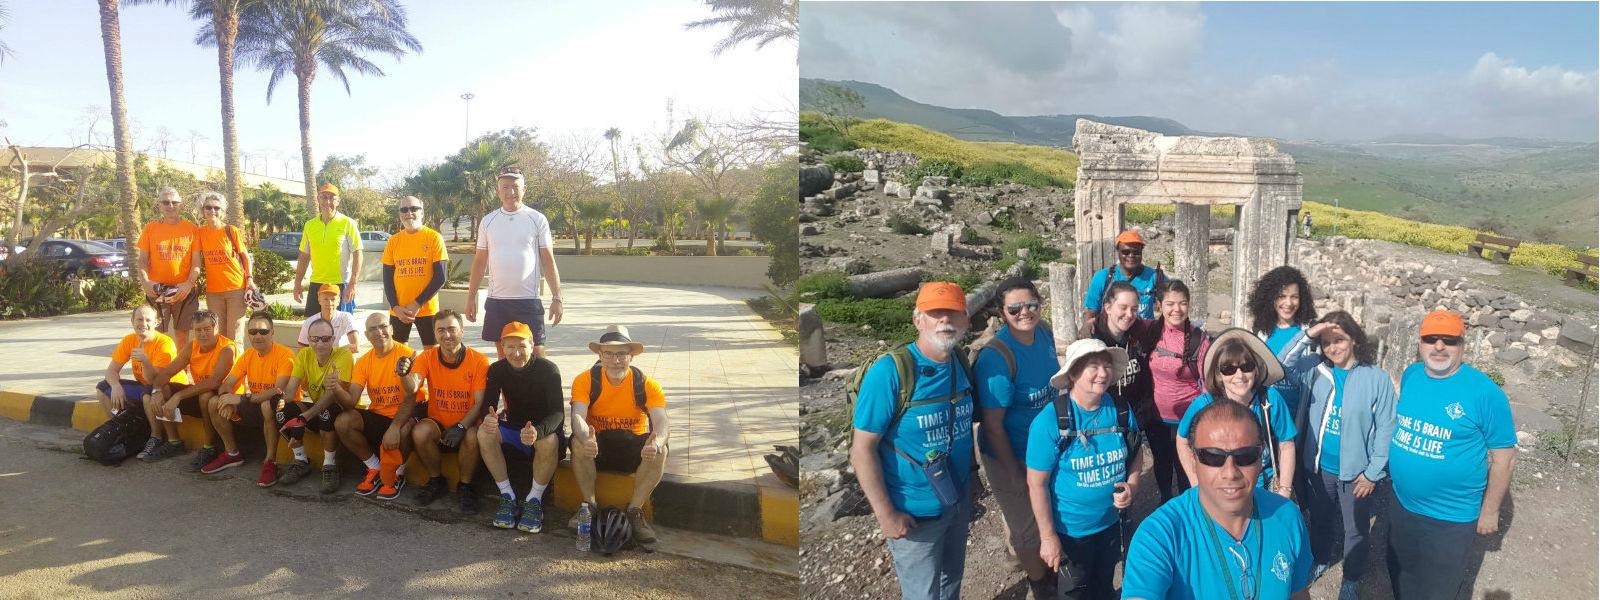 The Nazareth Challenge